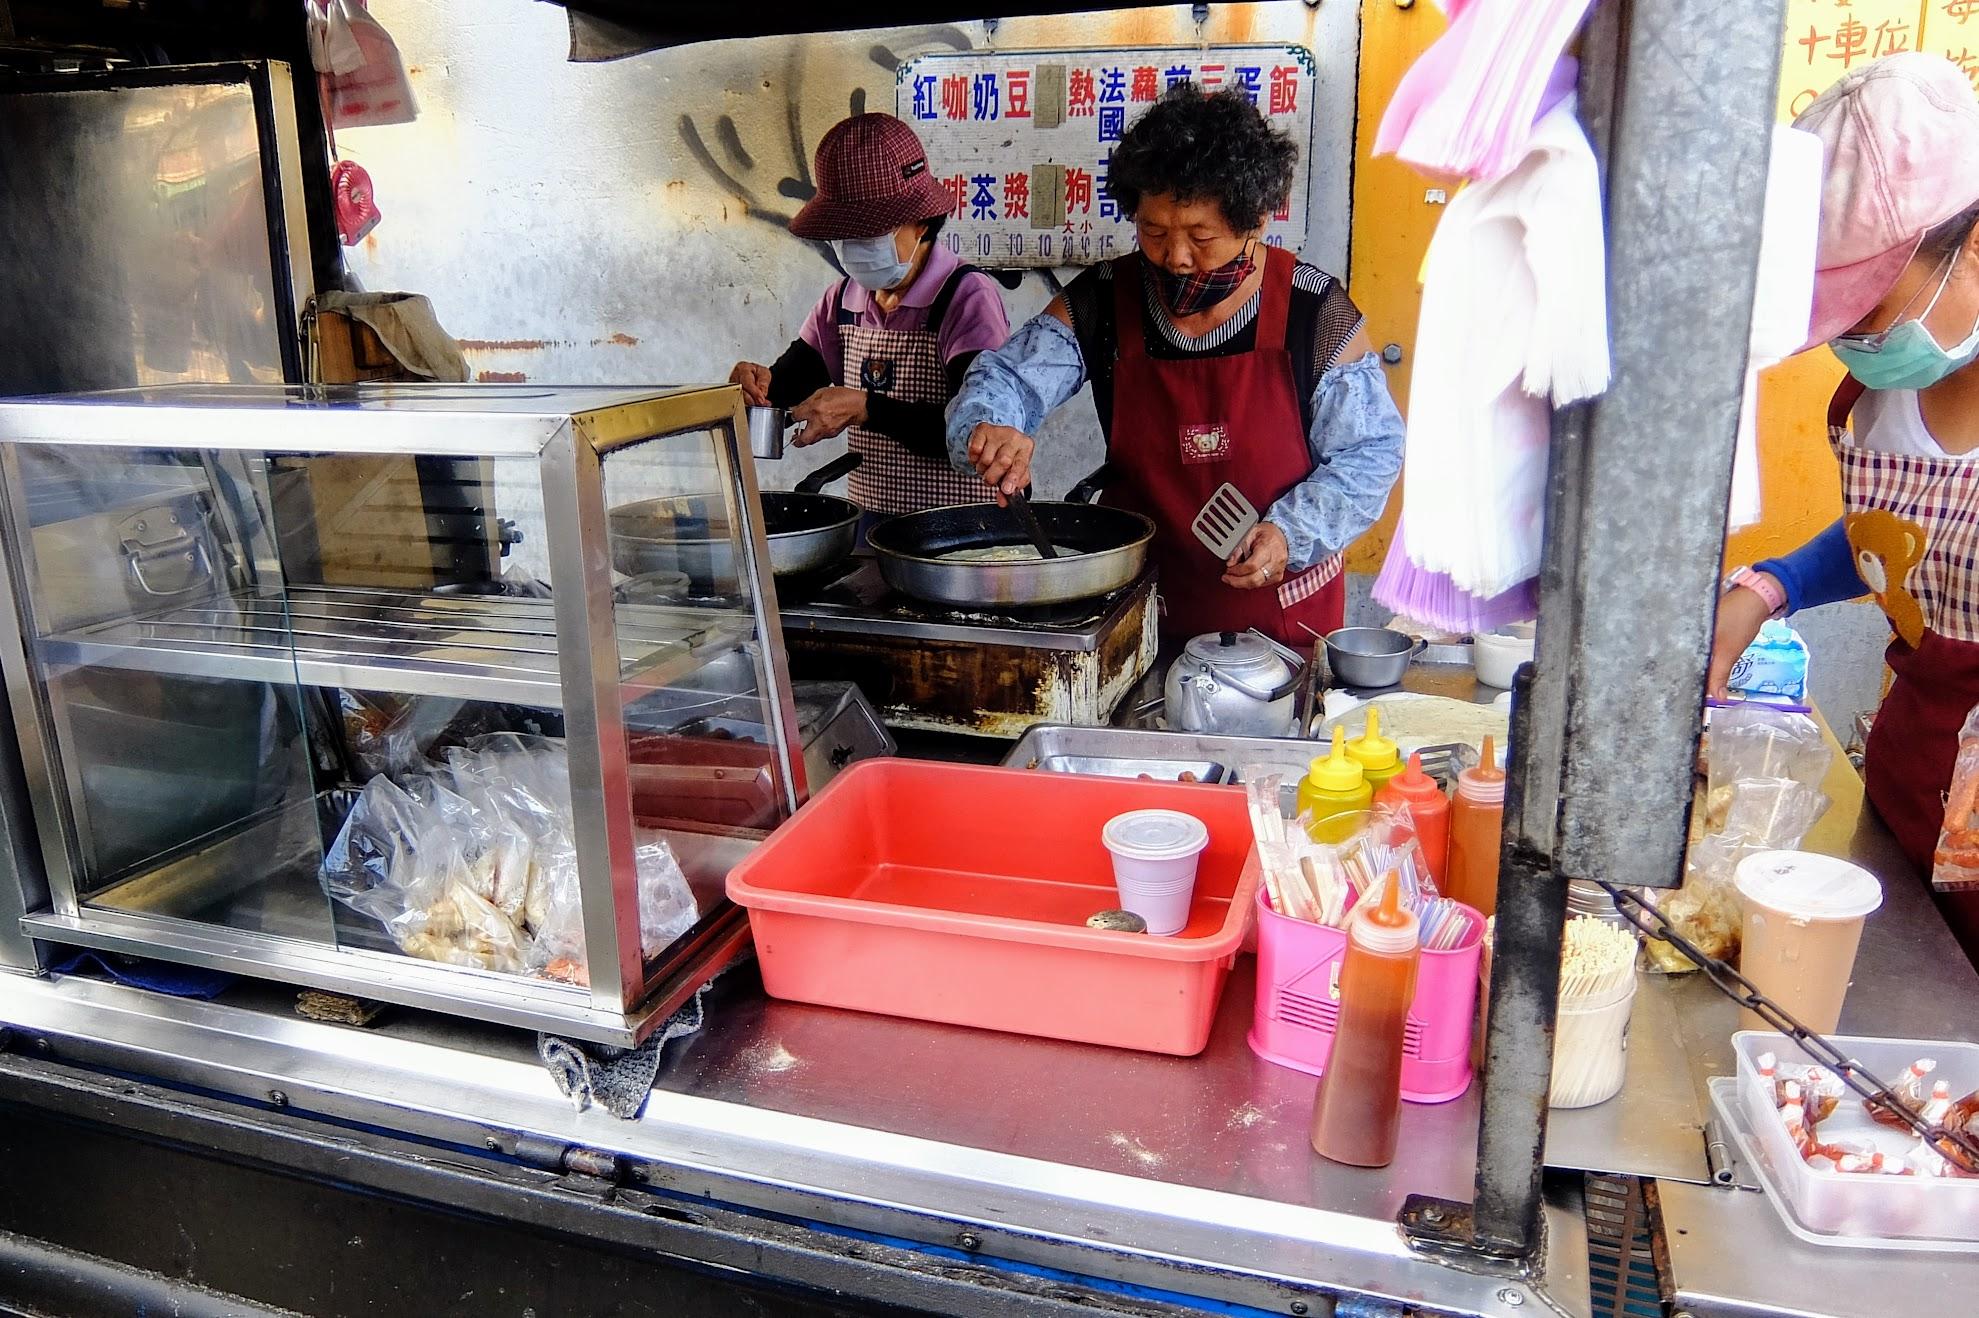 人手頗多,但還是應付不及來買的客人,生意真的不賴! 在這照片可以看到二鍋正在弄蛋餅,後頭還有一個人在處理蛋餅和煎餃,只是都來不及賣....